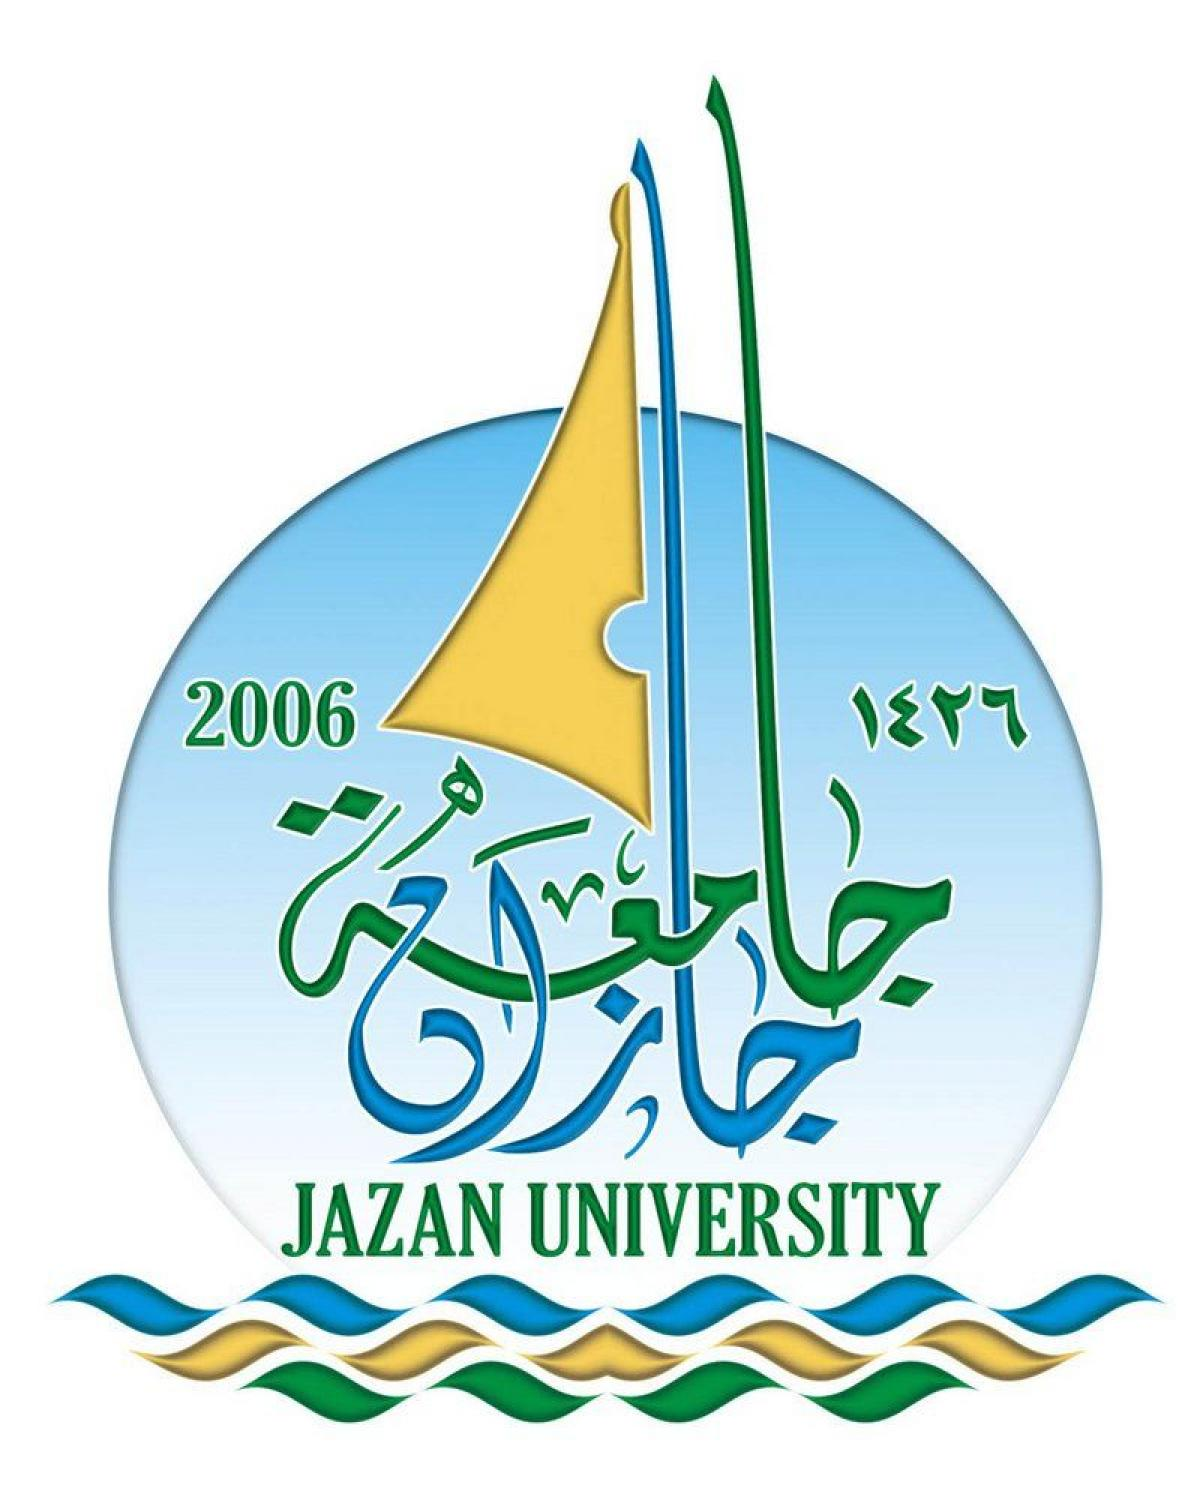 بدء الاجتماع الـ24 لرؤساء ومديري الجامعات ومؤسسات التعليم العالي